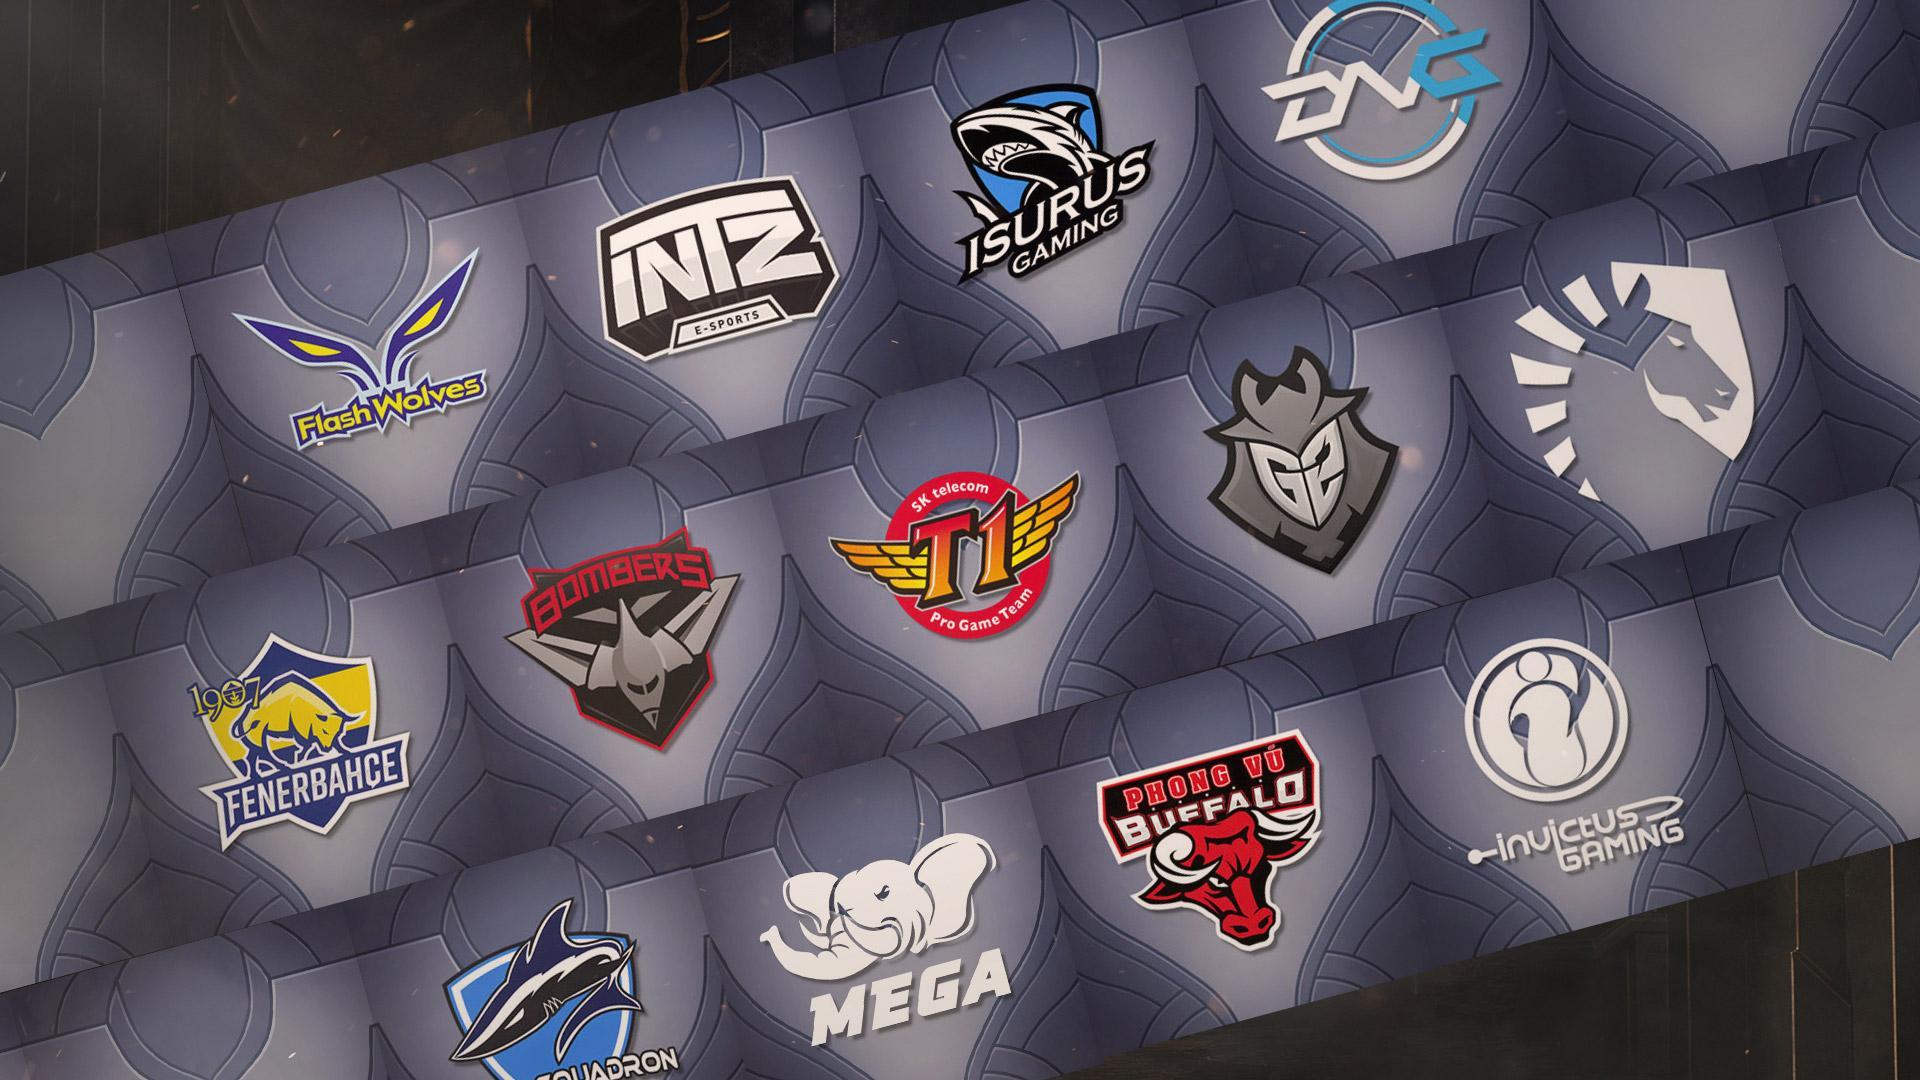 Celebrate MSI 2019 | League of Legends